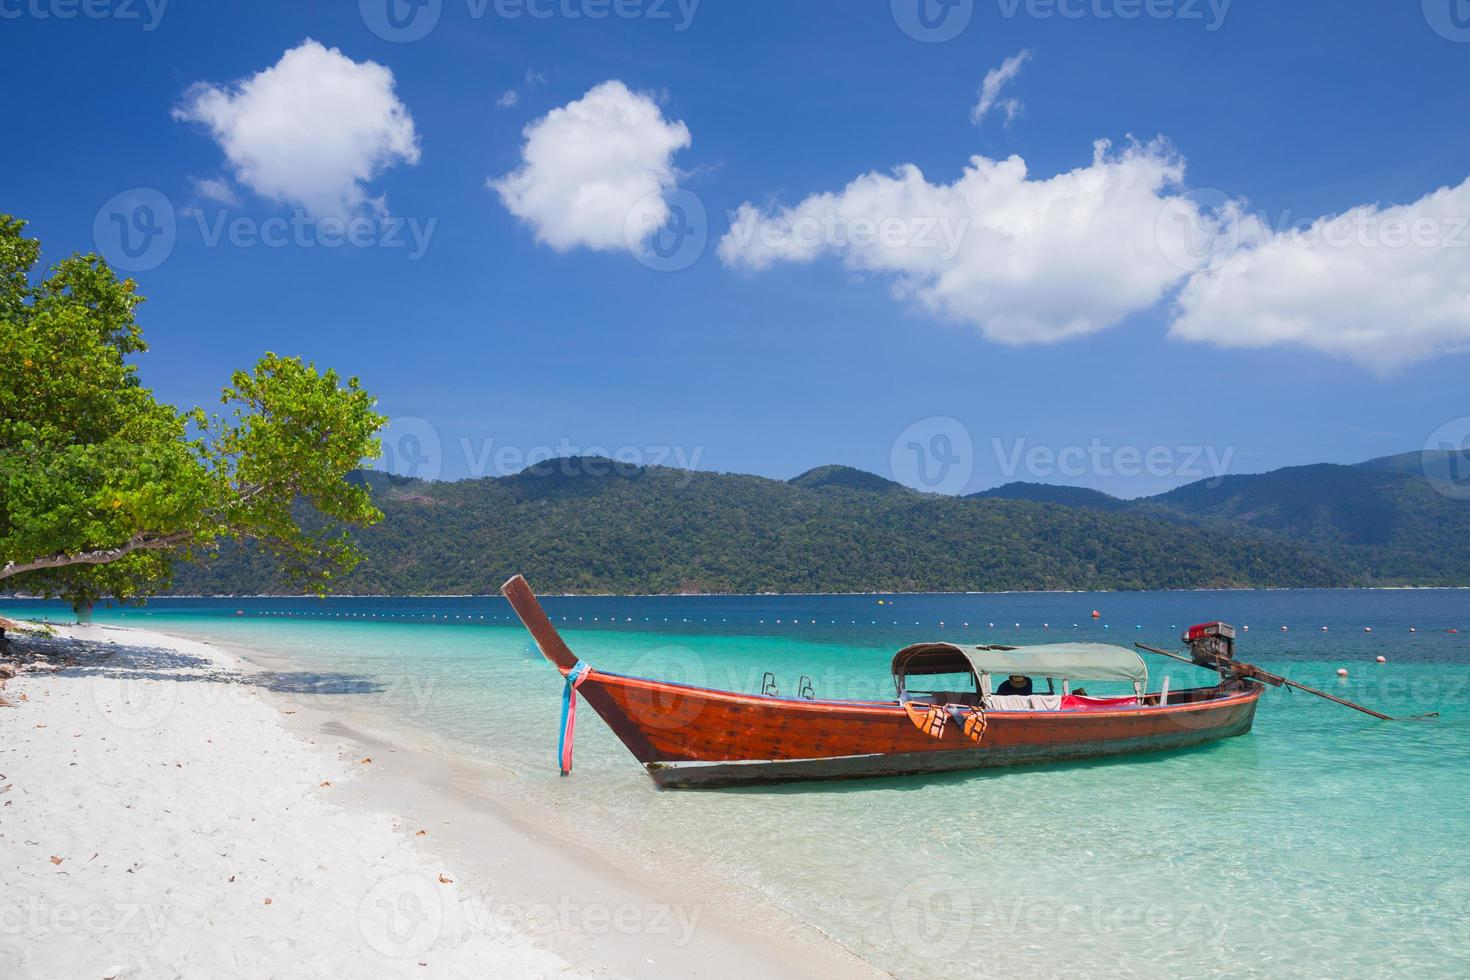 ein langes Boot an einem tropischen Strand foto